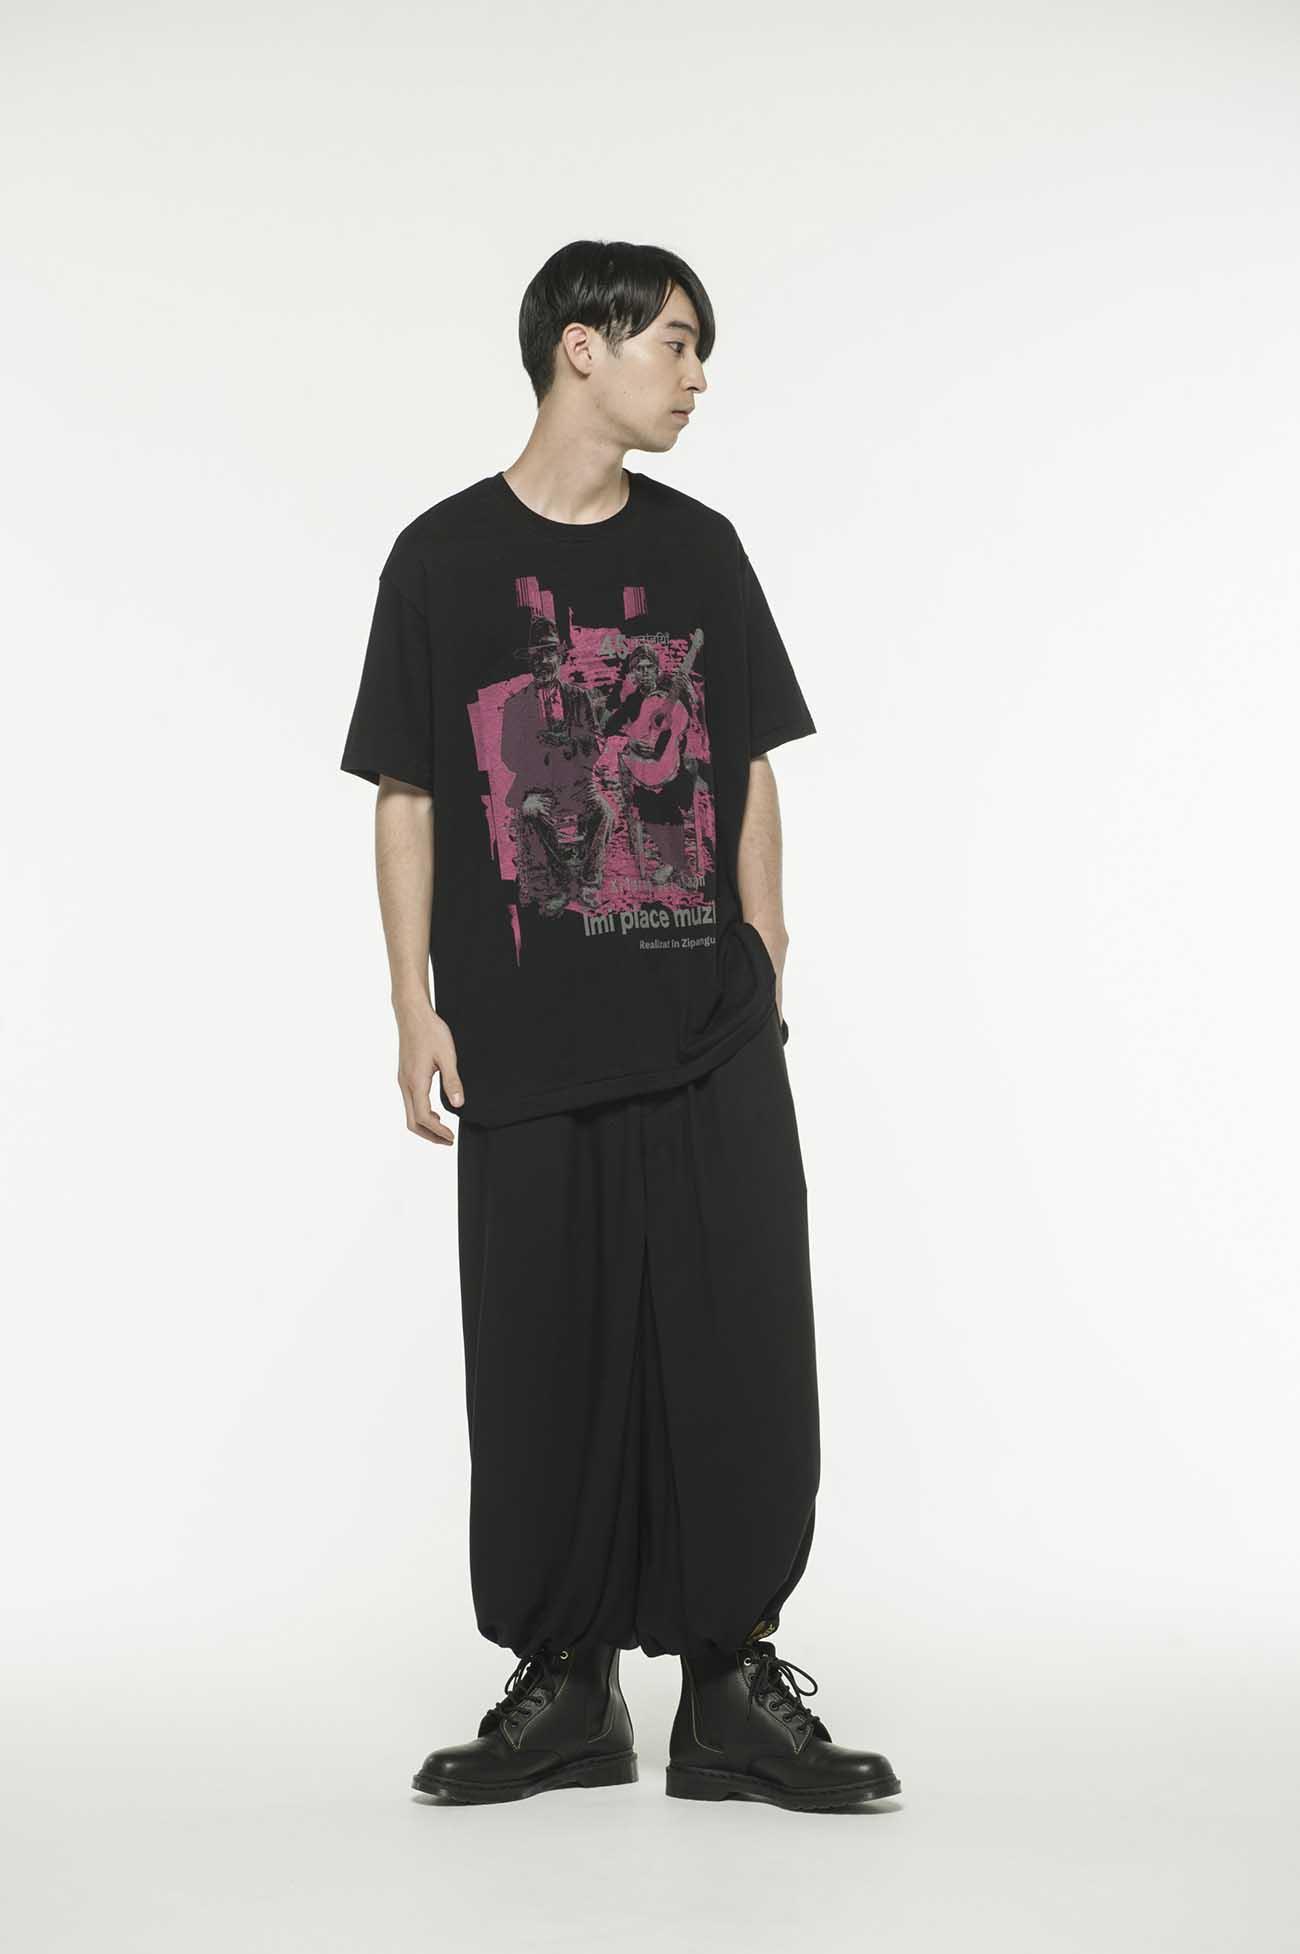 20/CottonJersey Romany muzica T-Shirt